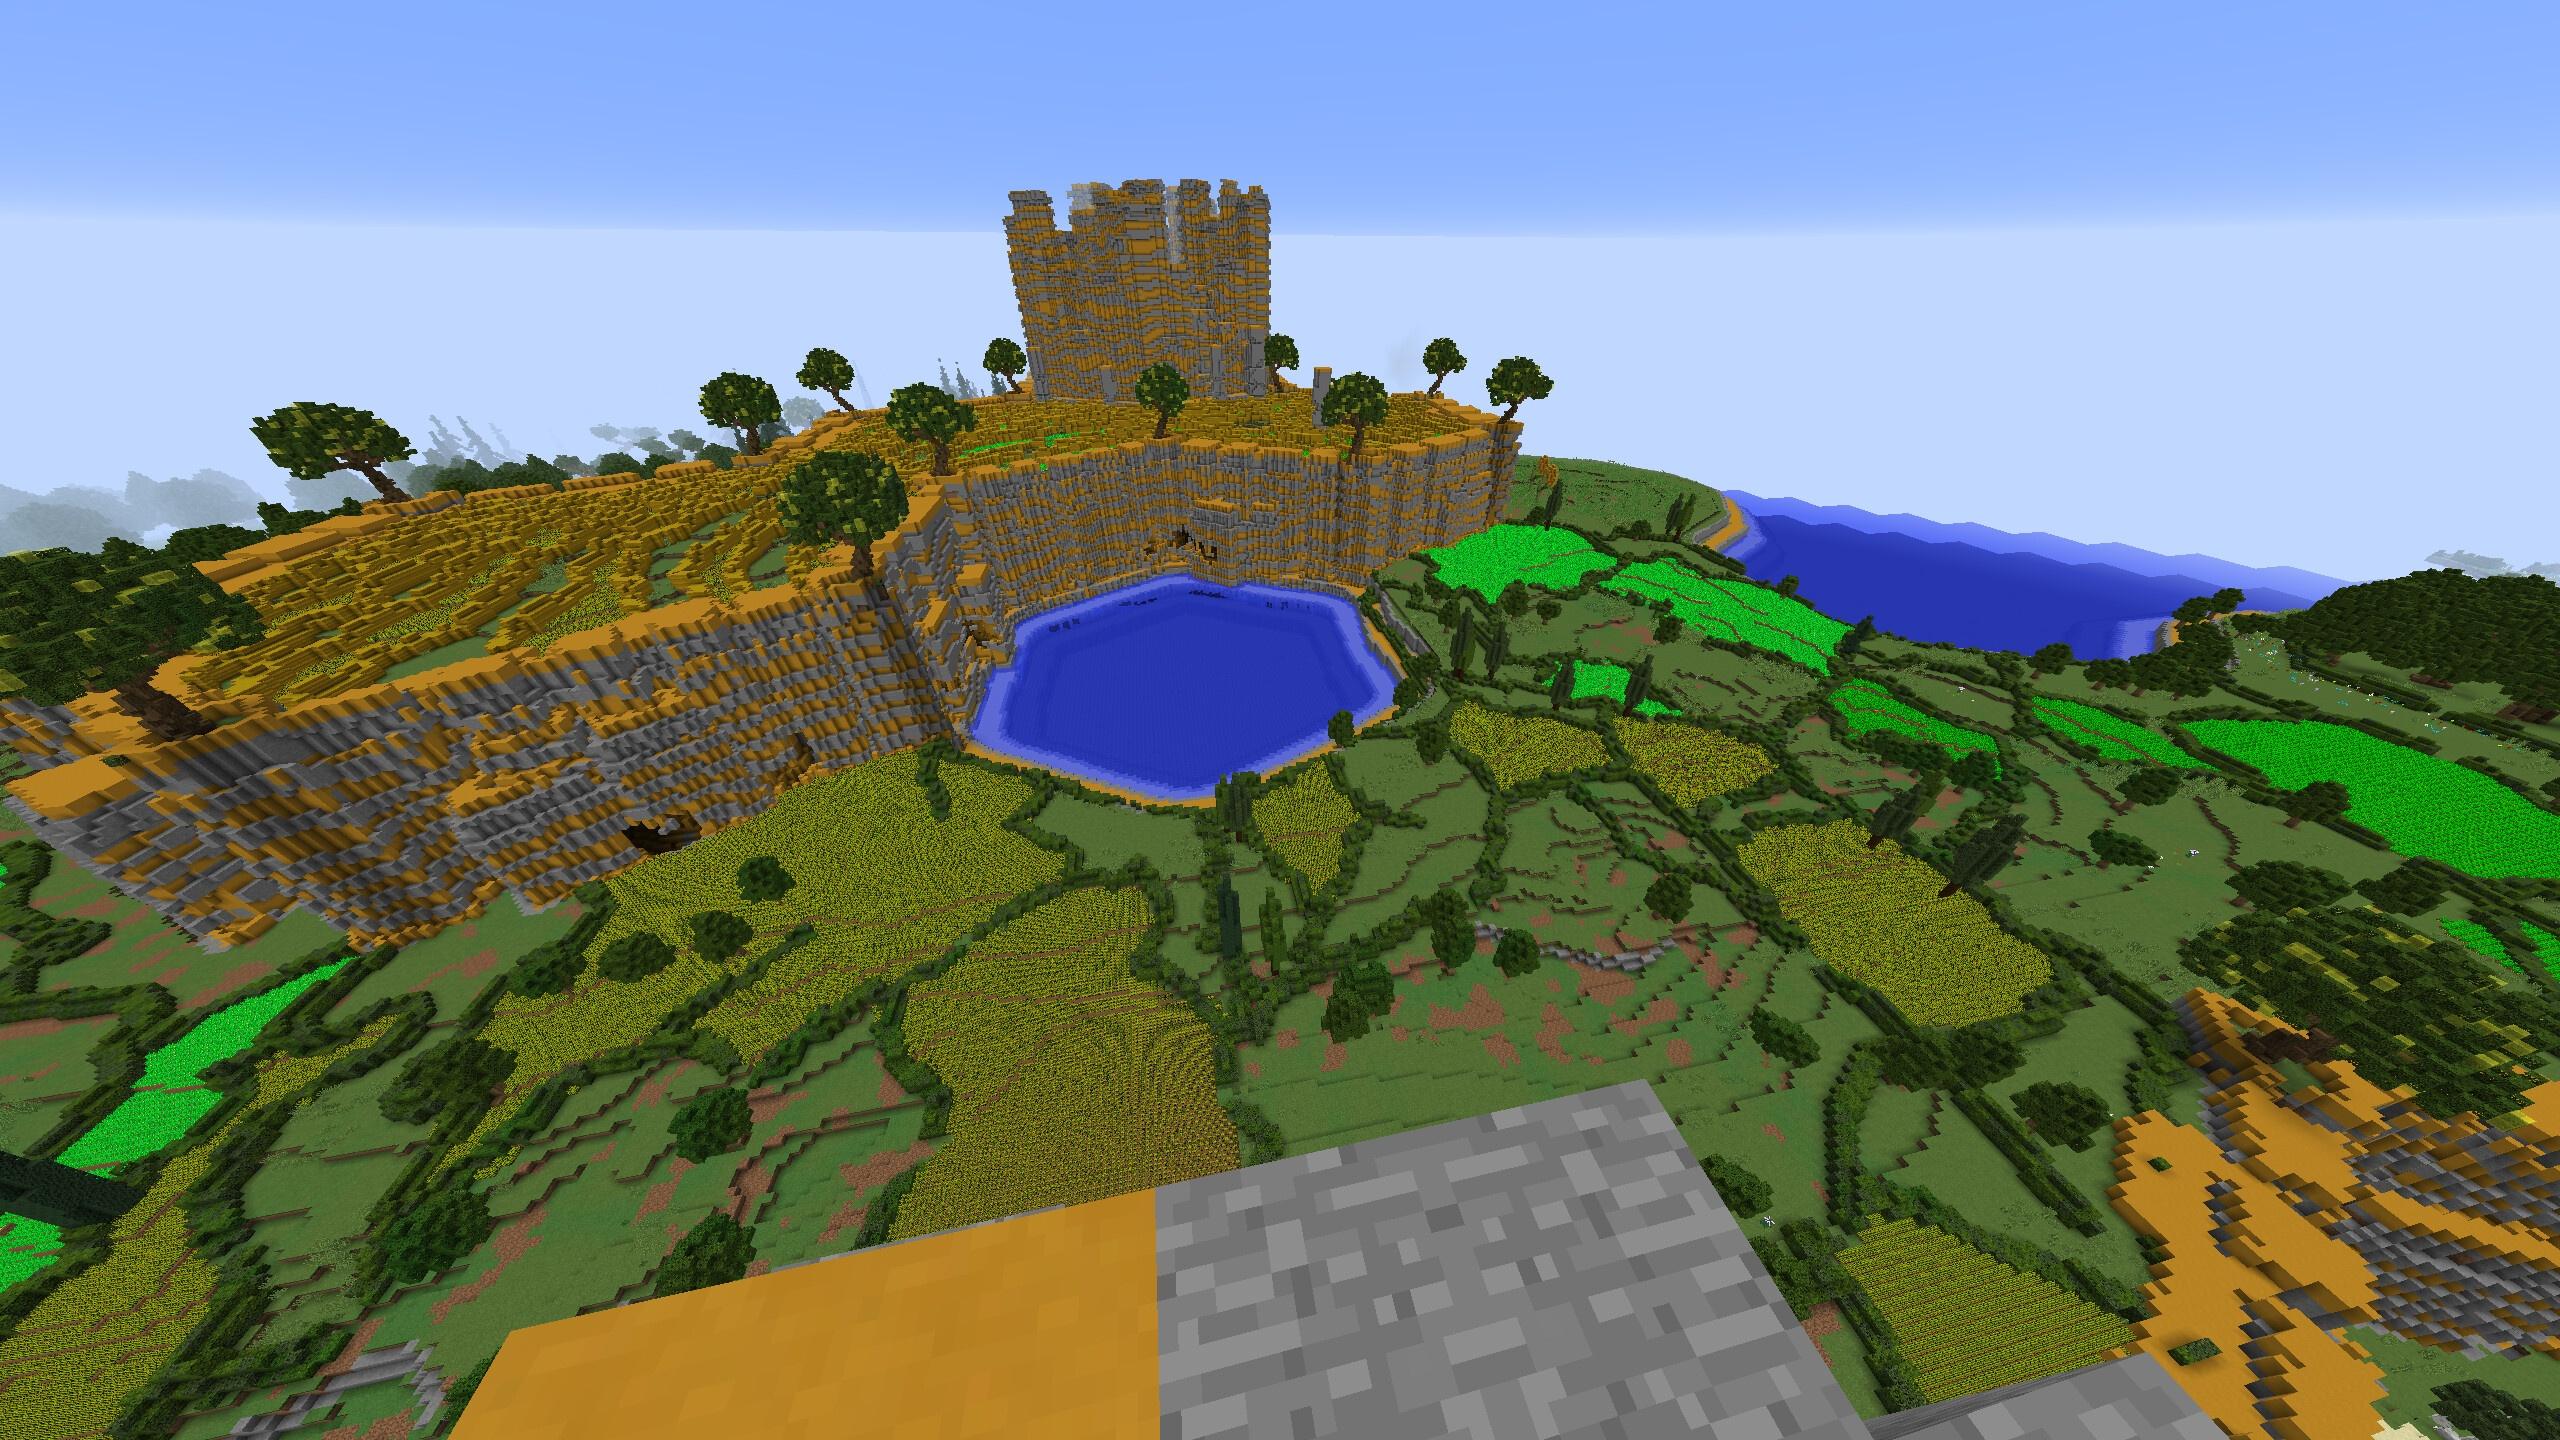 minecraft térkép Minecraft   ez a gyönyörű térkép 400 óra alatt készült el   Hír  minecraft térkép